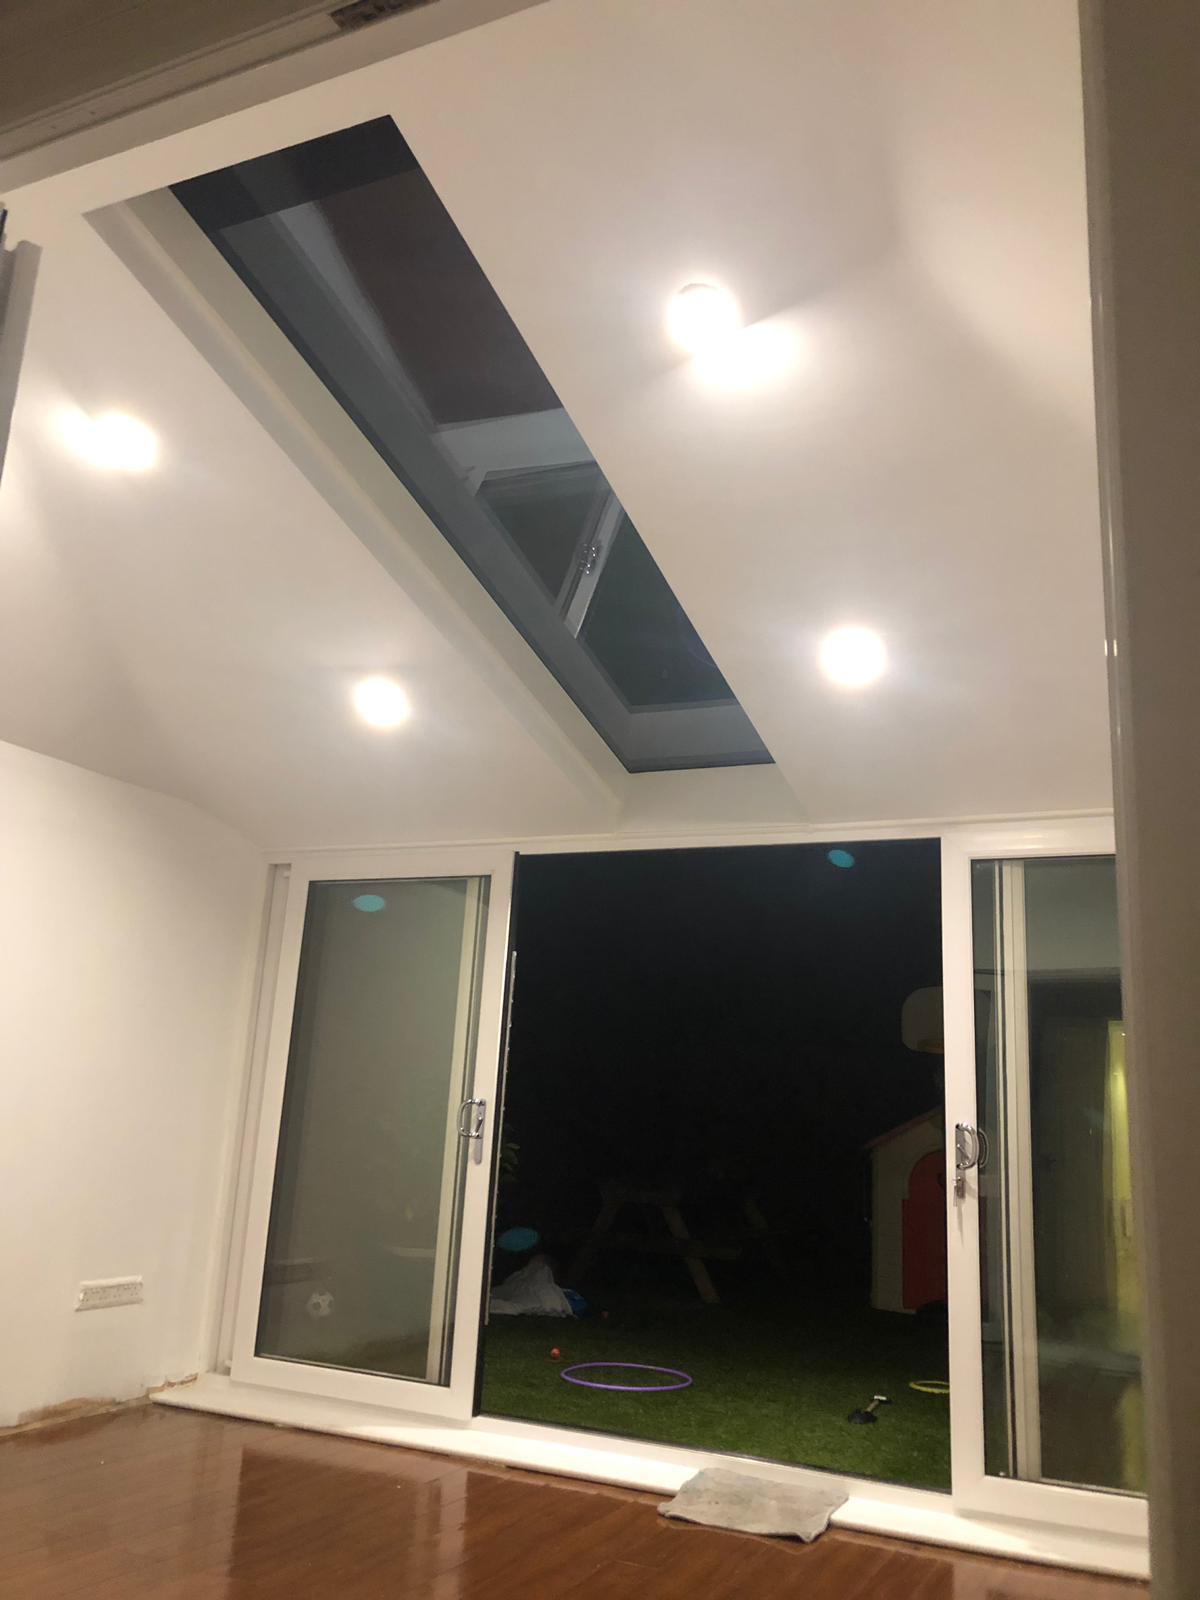 Skylight and White UPVC Windows & Doors in White